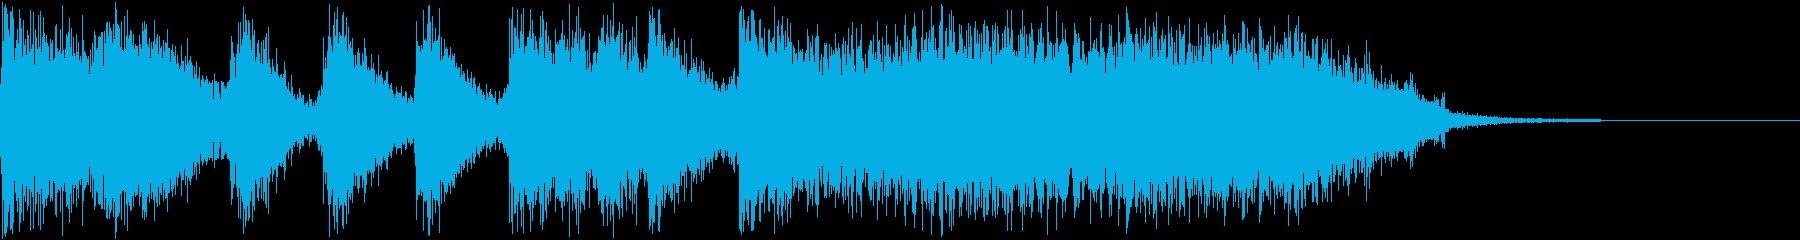 豪快なブラス!(5秒)ver2の再生済みの波形